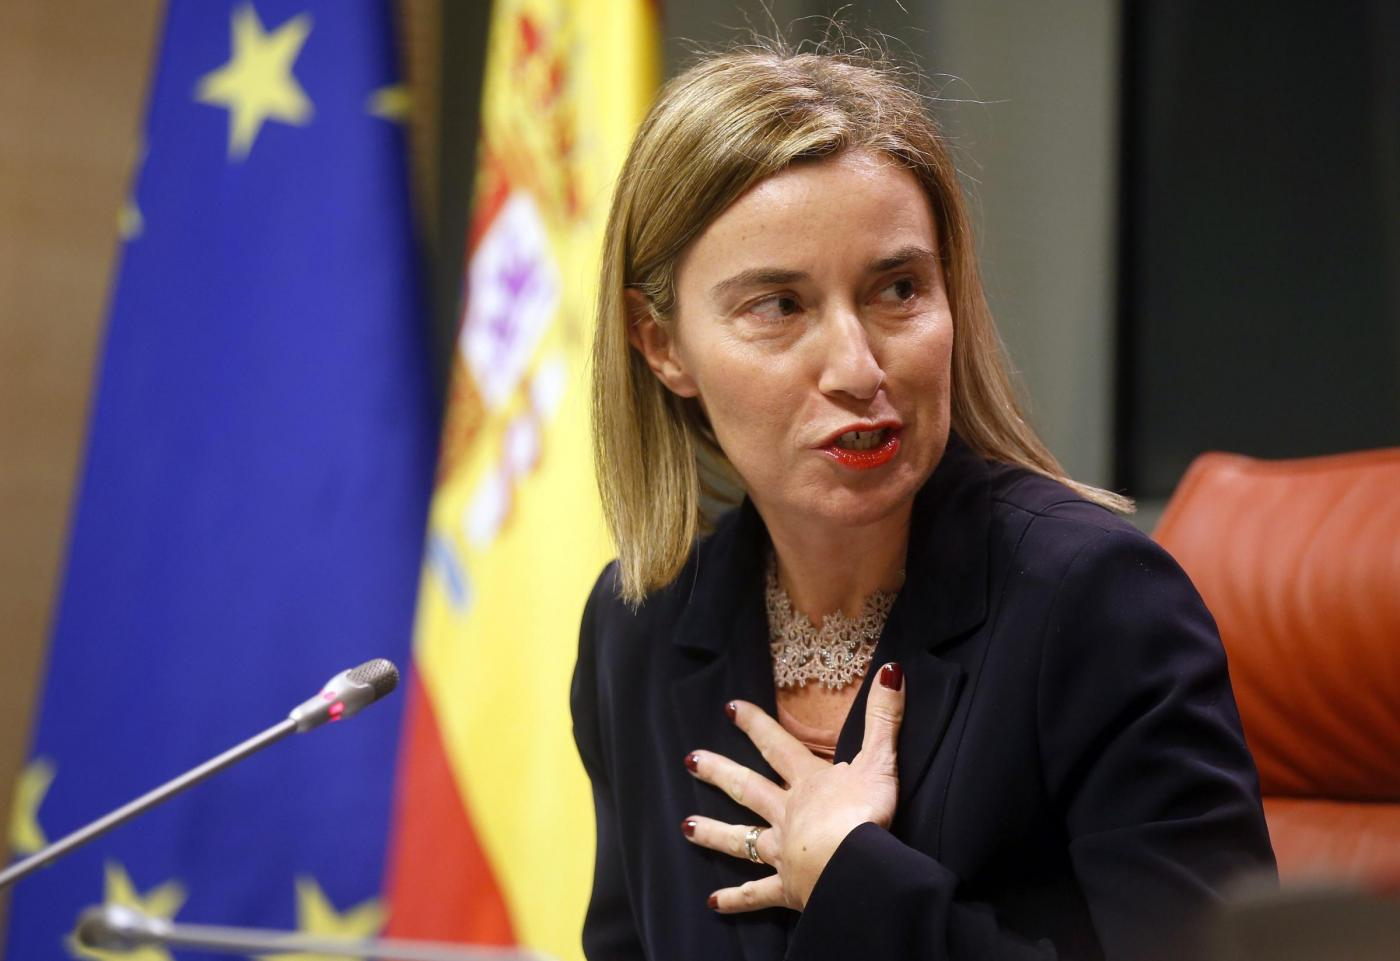 Federica Mogherini commissariata? Nominato un consulente speciale per la Difesa